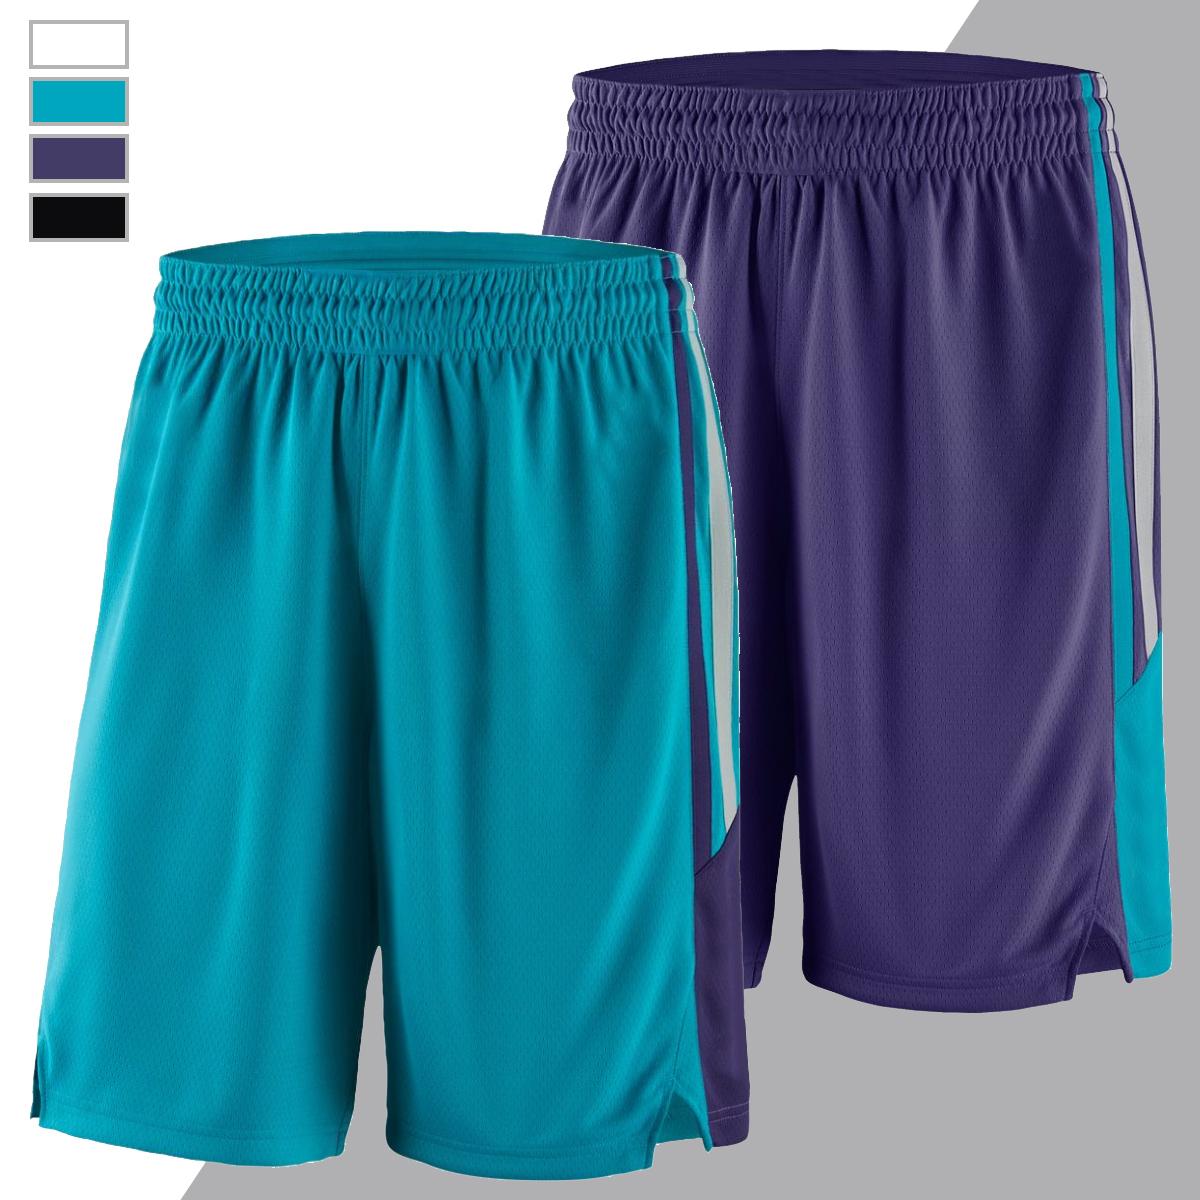 定制新赛季夏洛特白色蓝色紫色黑色沃克蒙克霍华德篮球裤运动短裤